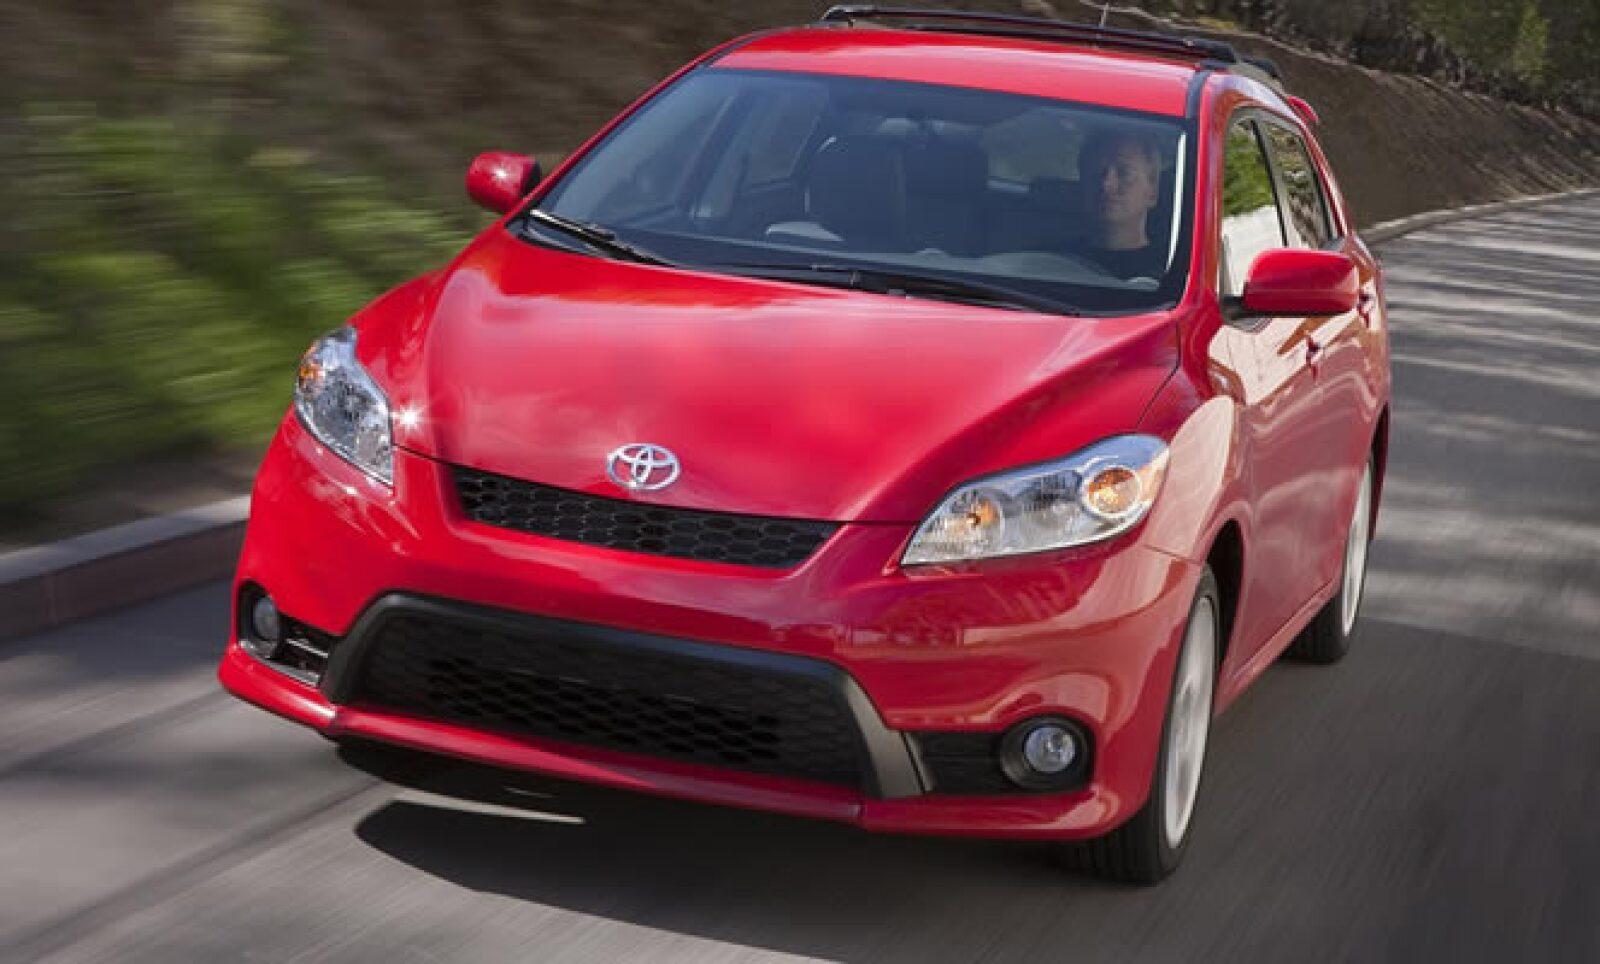 La japonesa introdujo la nueva versión de uno de sus modelos más exitosos en el mercado estadounidense. Estará disponible en 2 motores, uno de 1.8 litros y uno de 2.4 litros, capaces de entregar hasta 132 y 158 caballos de fuerza, respectivamente. Disponi